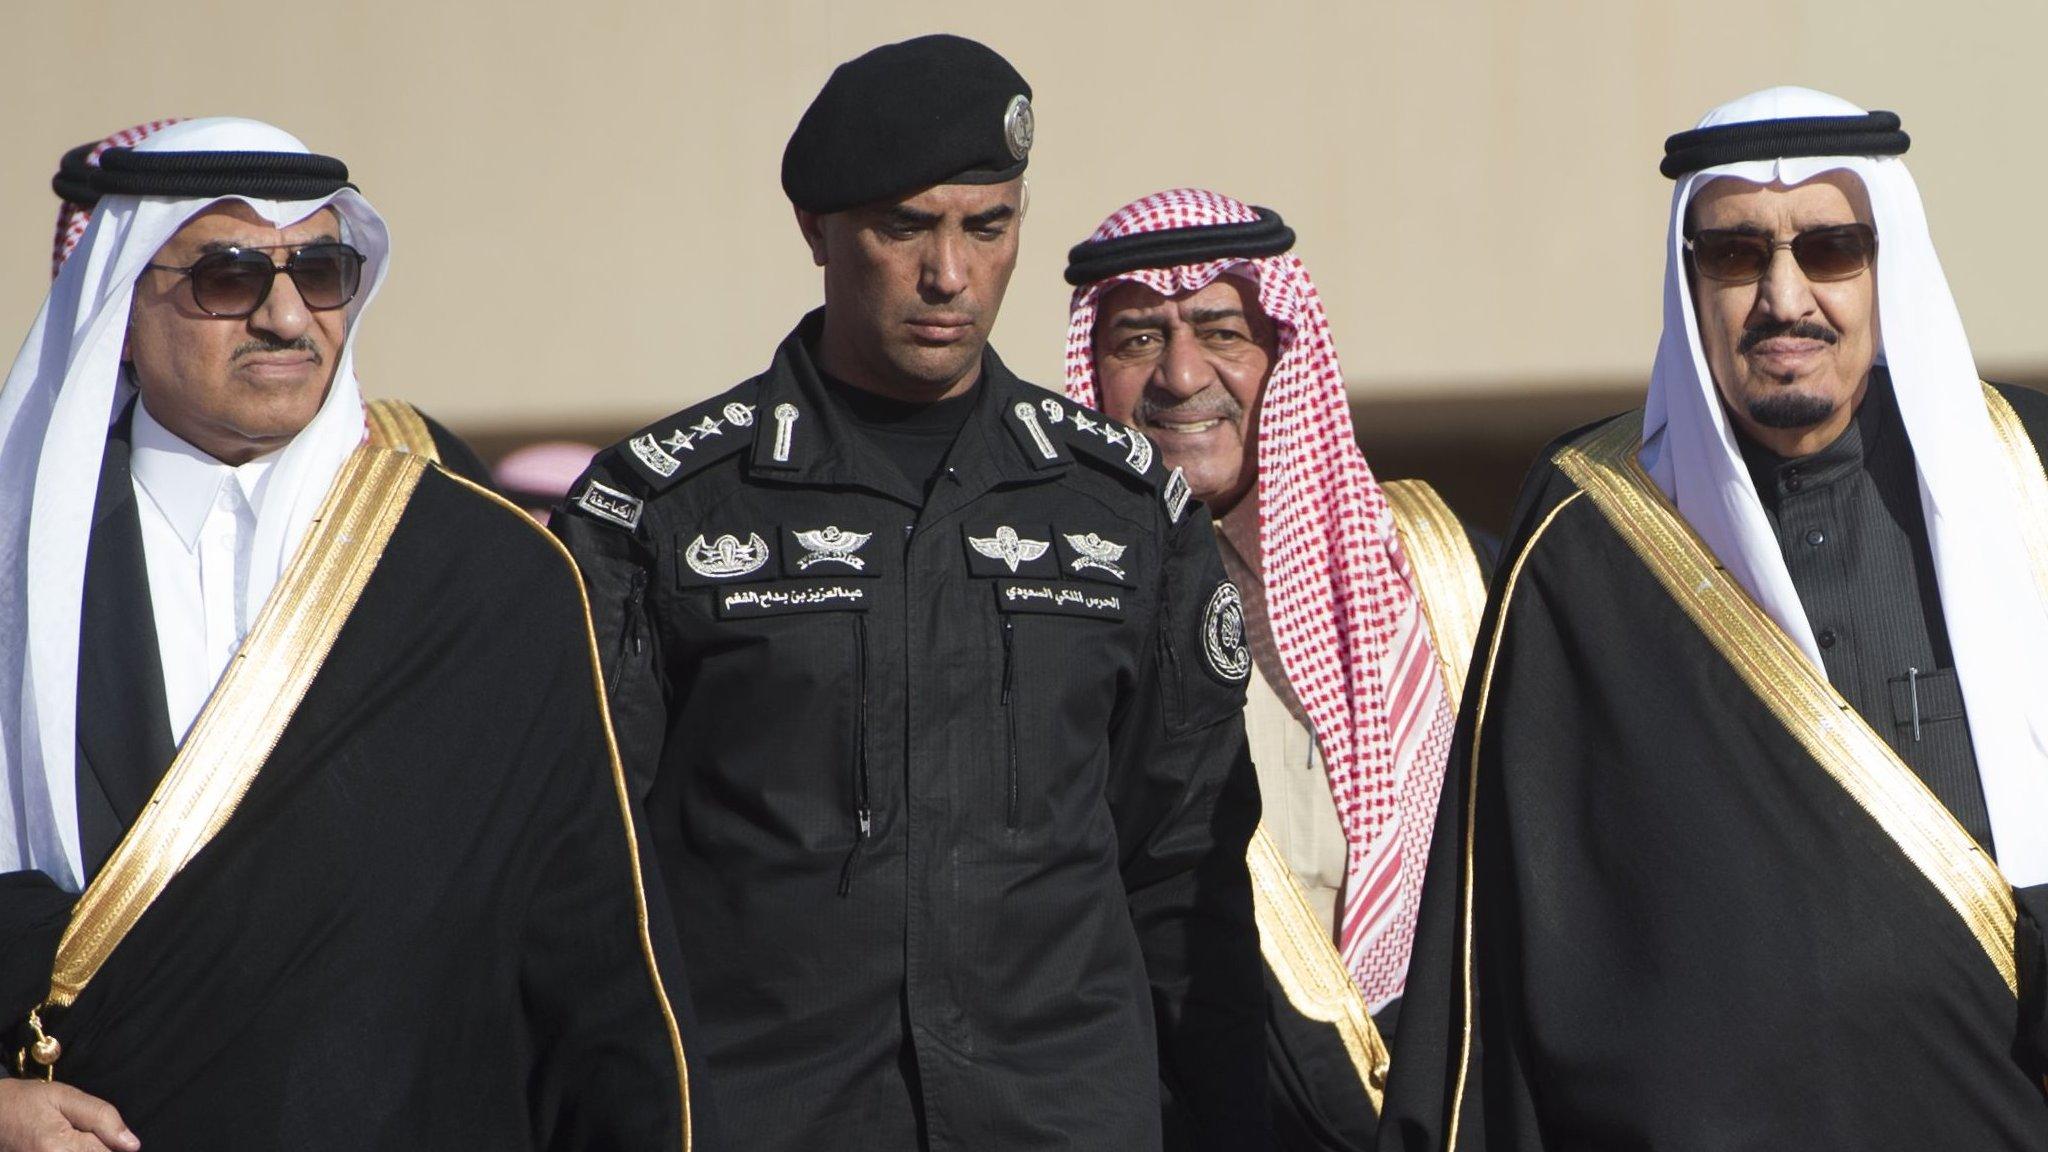 """مقتل عبد العزيز الفغم، الحارس الشخصي لملك السعودية """"في نزاع شخصي"""""""